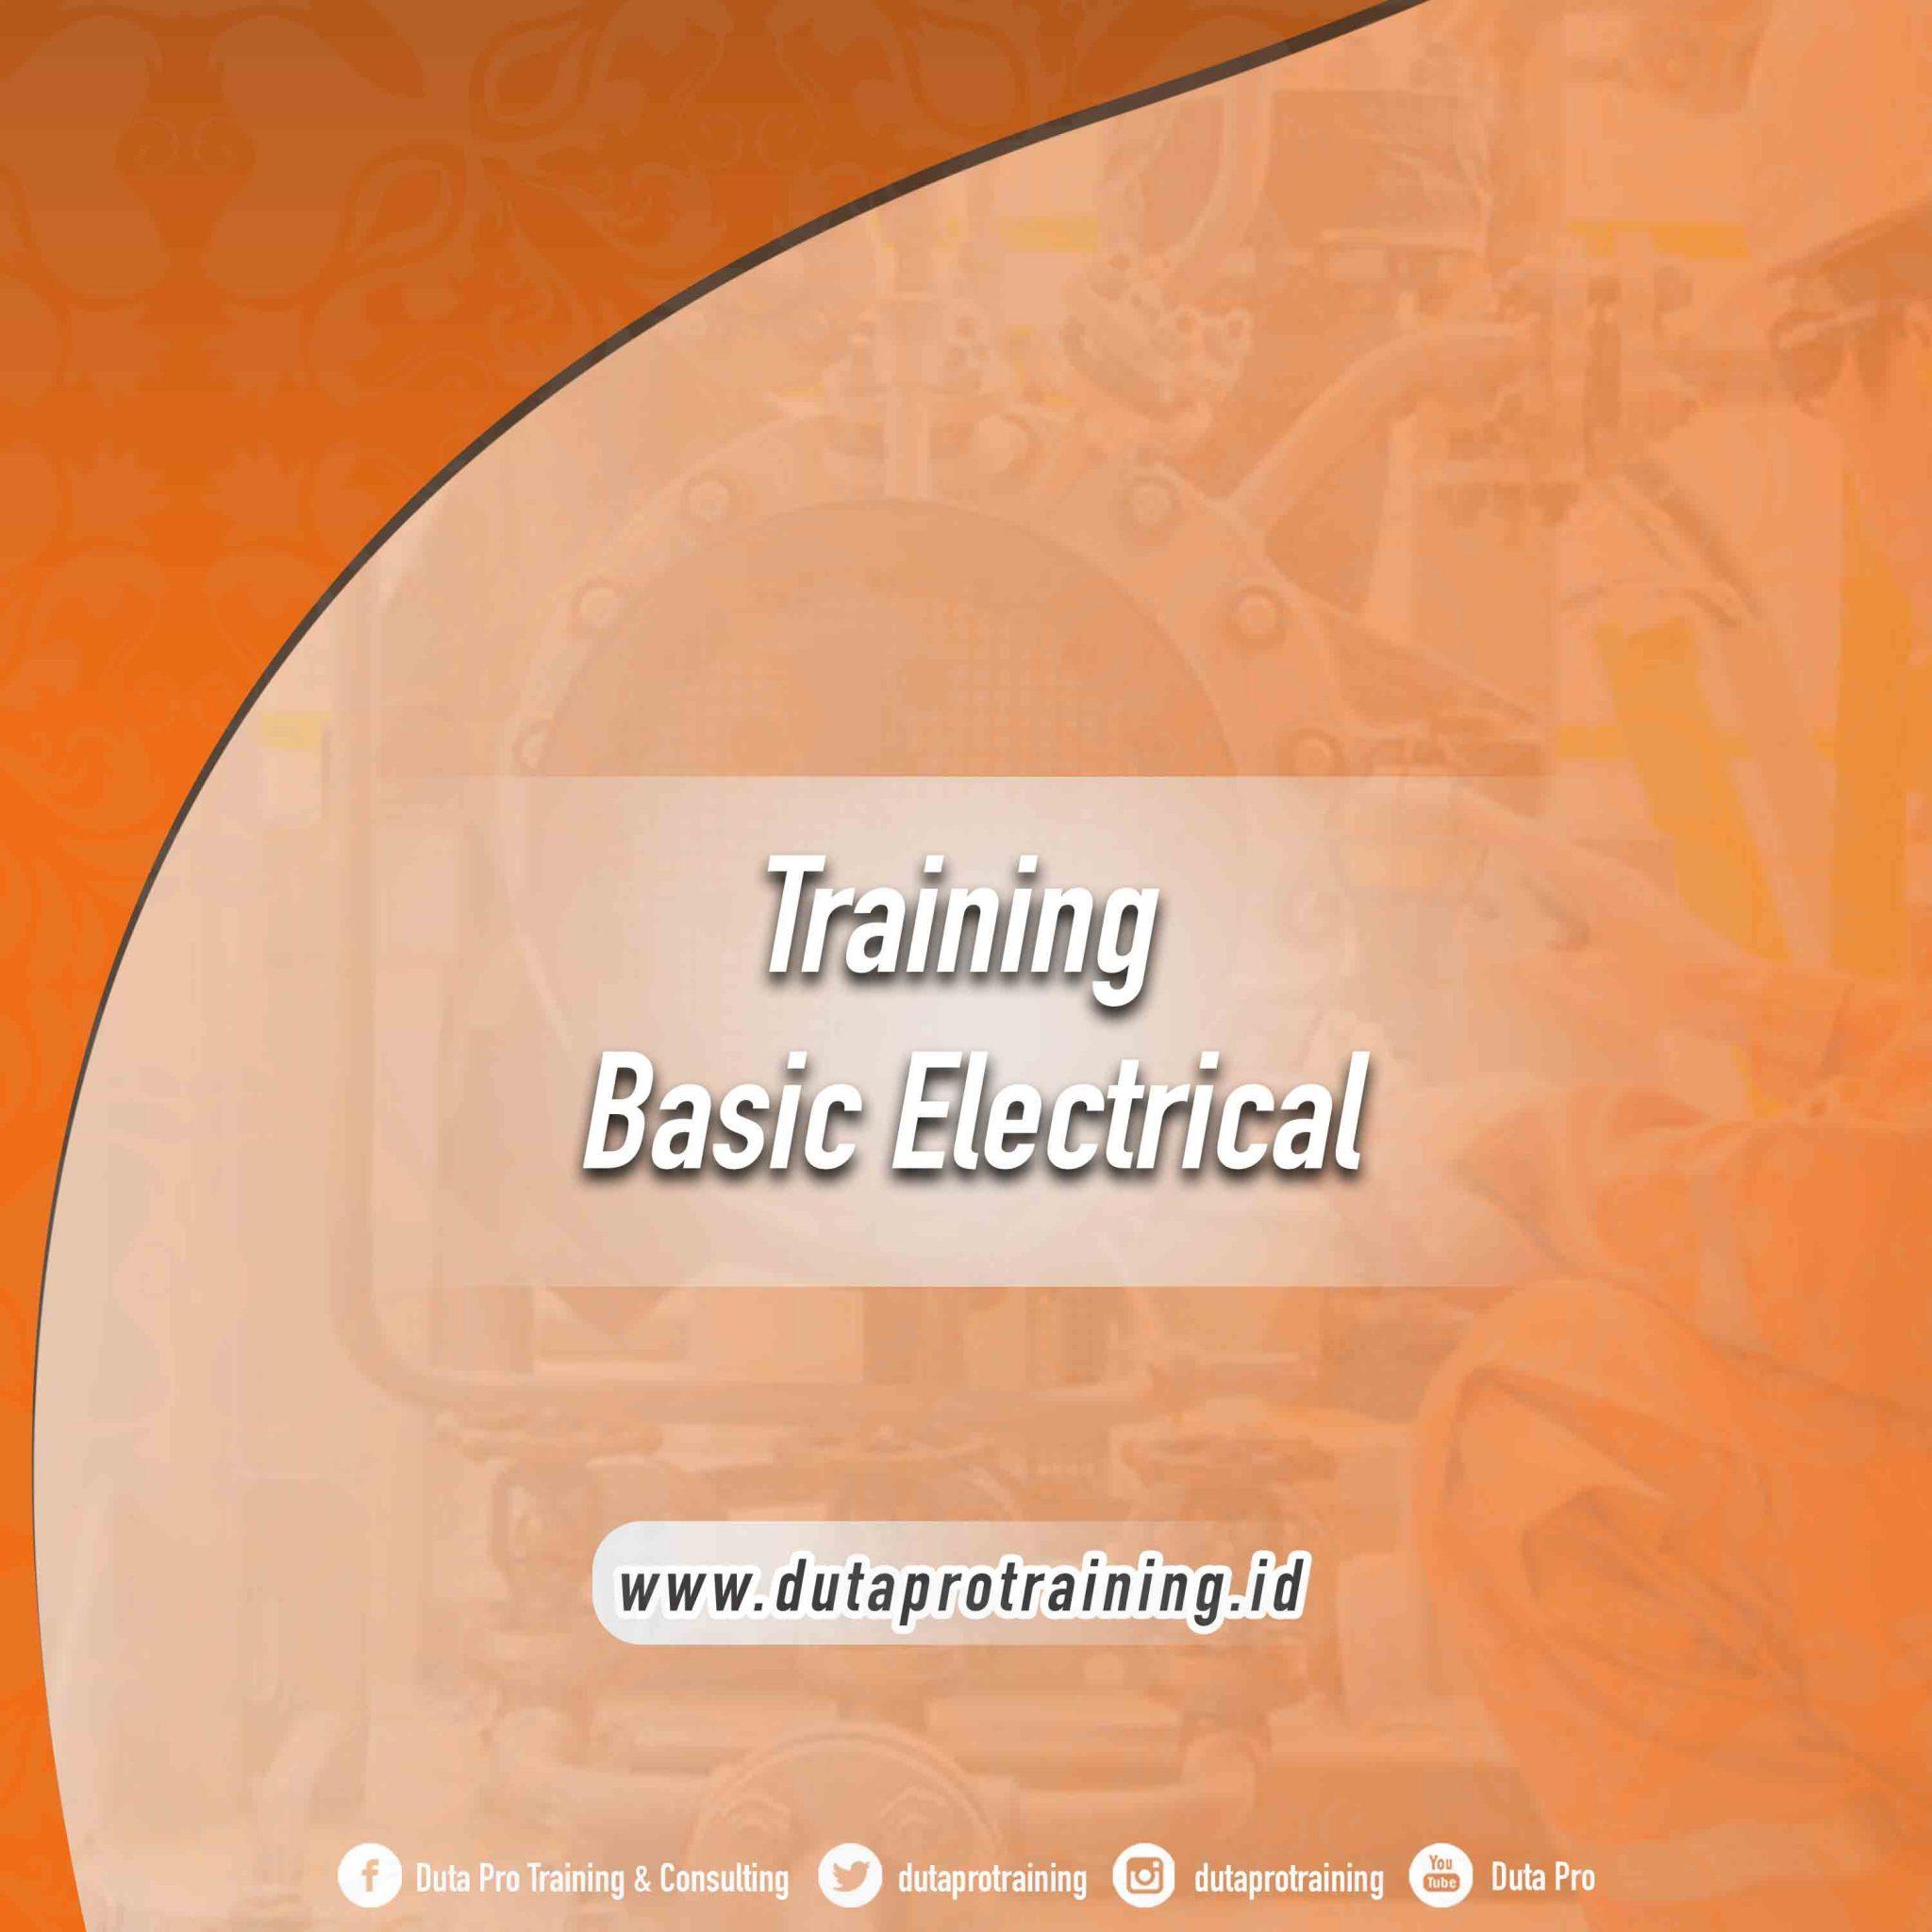 Training Basic Electrical